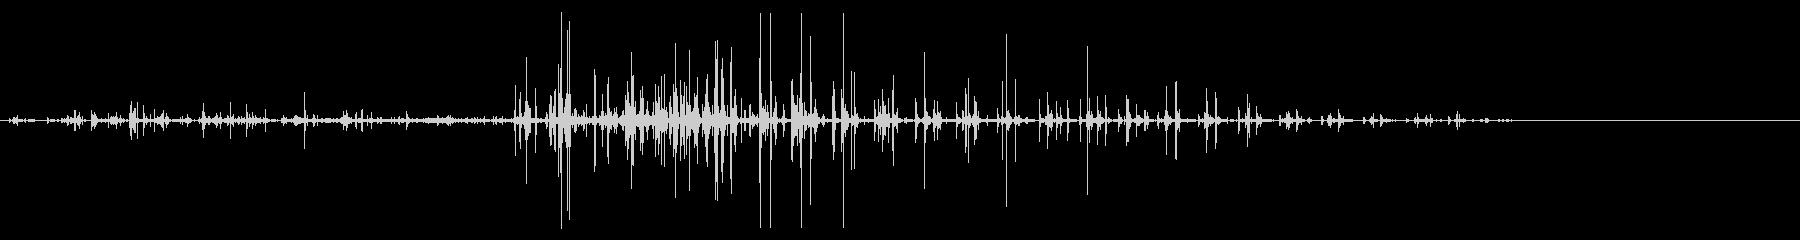 馬-ギャロップ5の未再生の波形